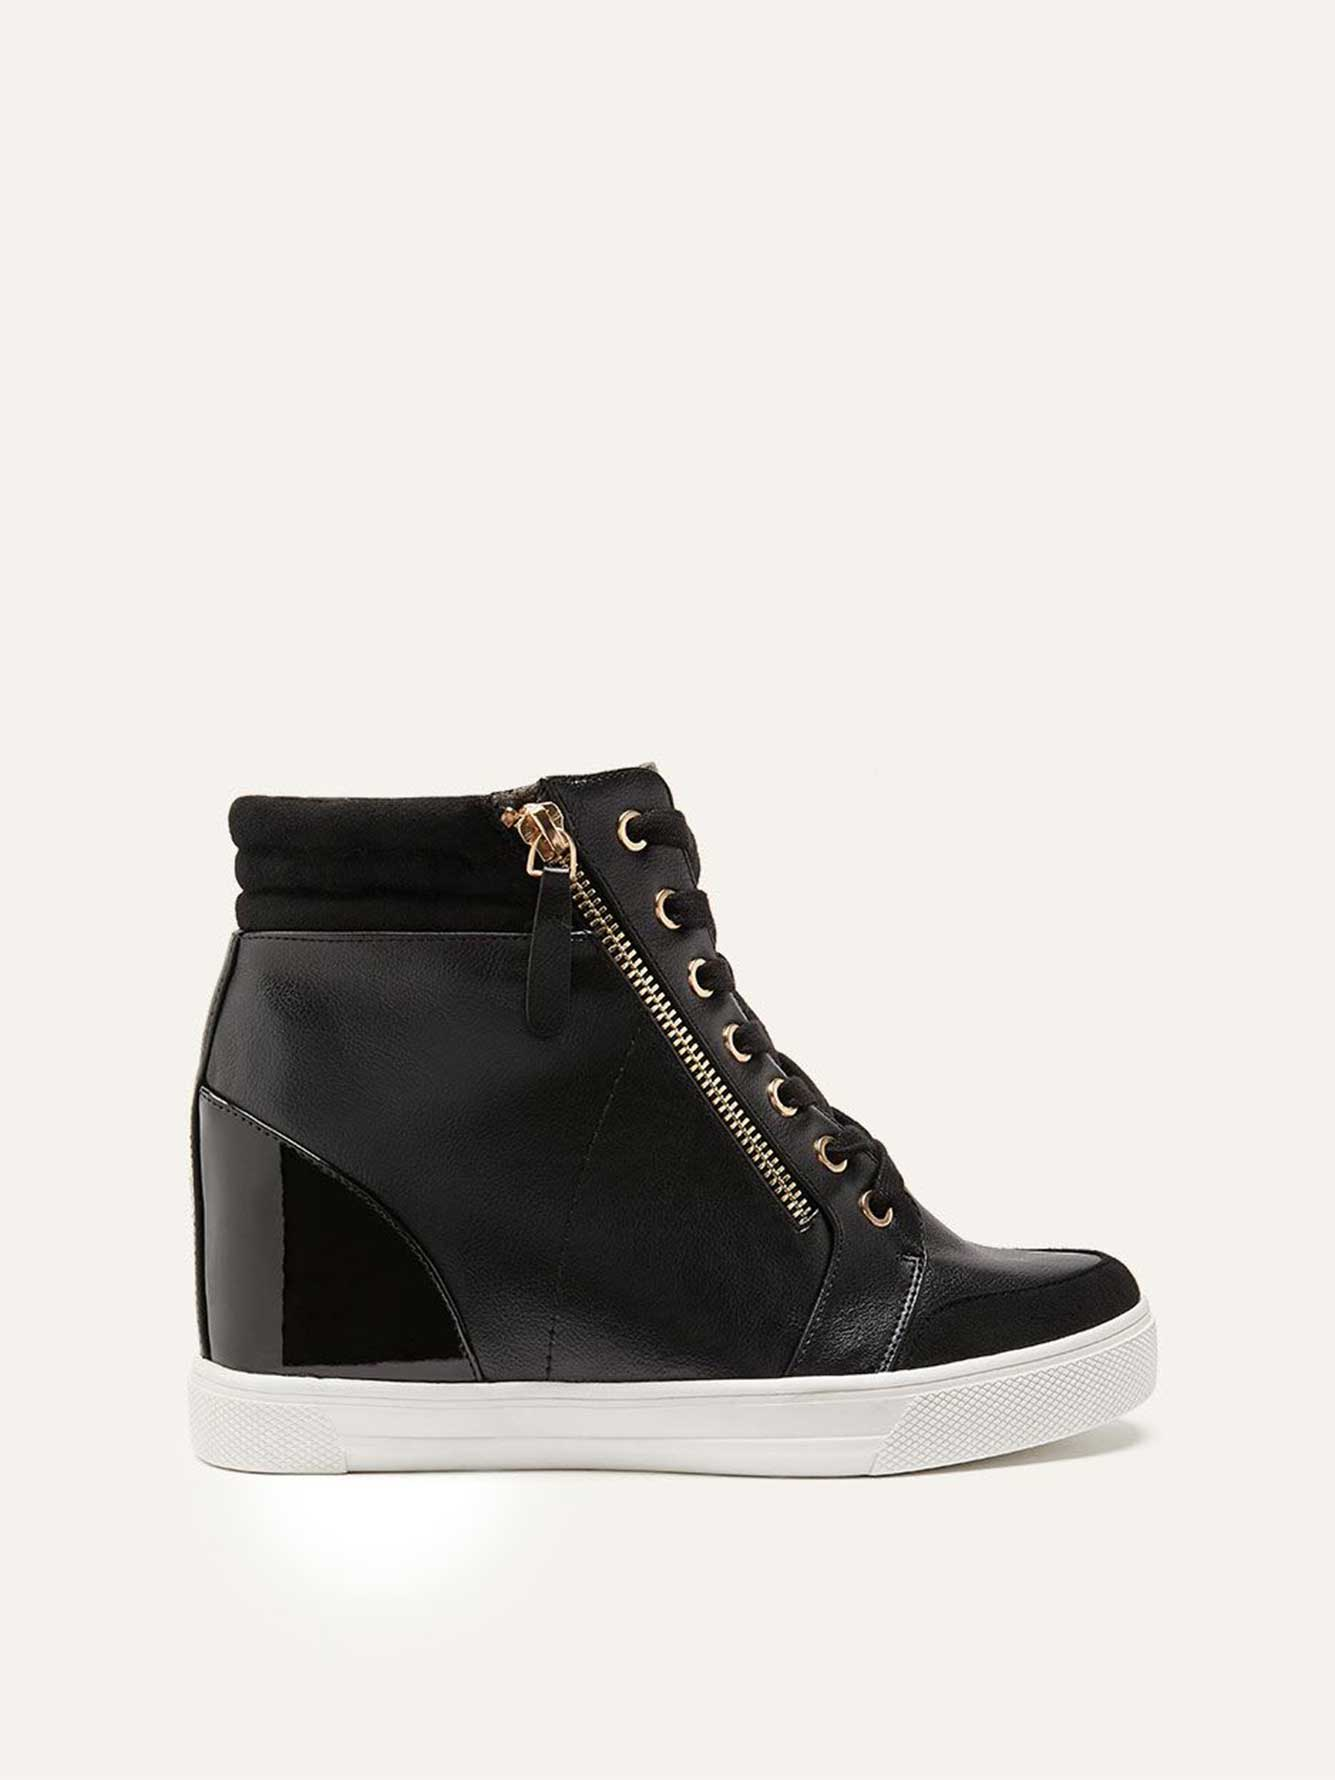 Wide Wedge Sneakers